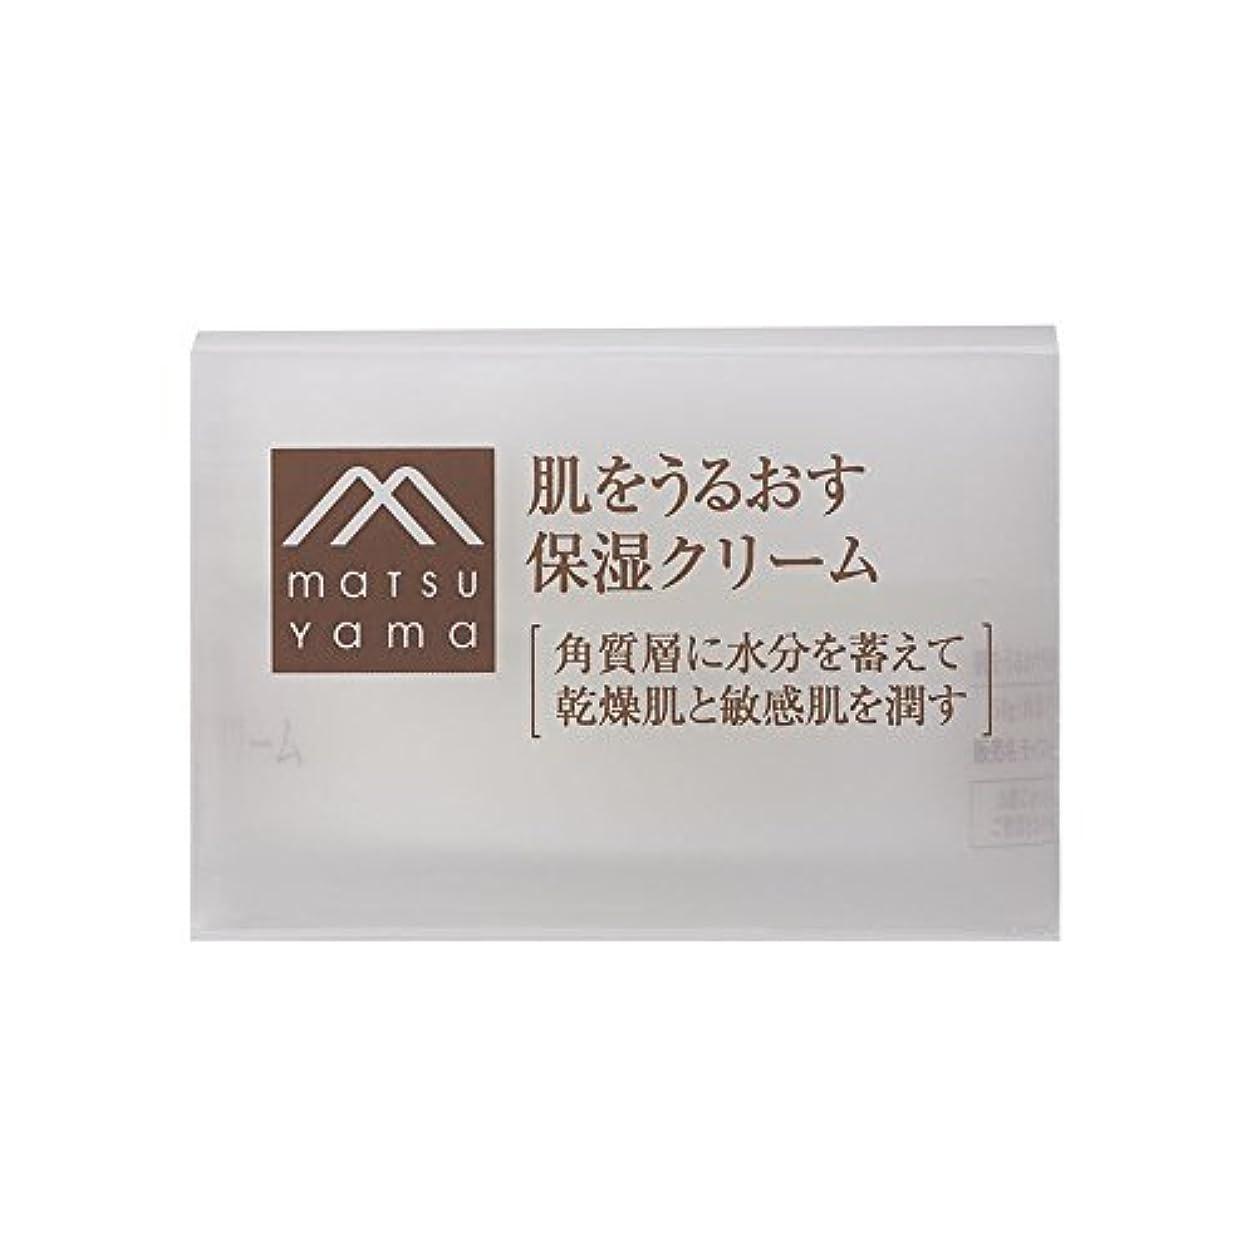 リスキーなスリット高揚した肌をうるおす保湿クリーム(クリーム) 濃厚クリーム [乾燥肌 敏感肌]